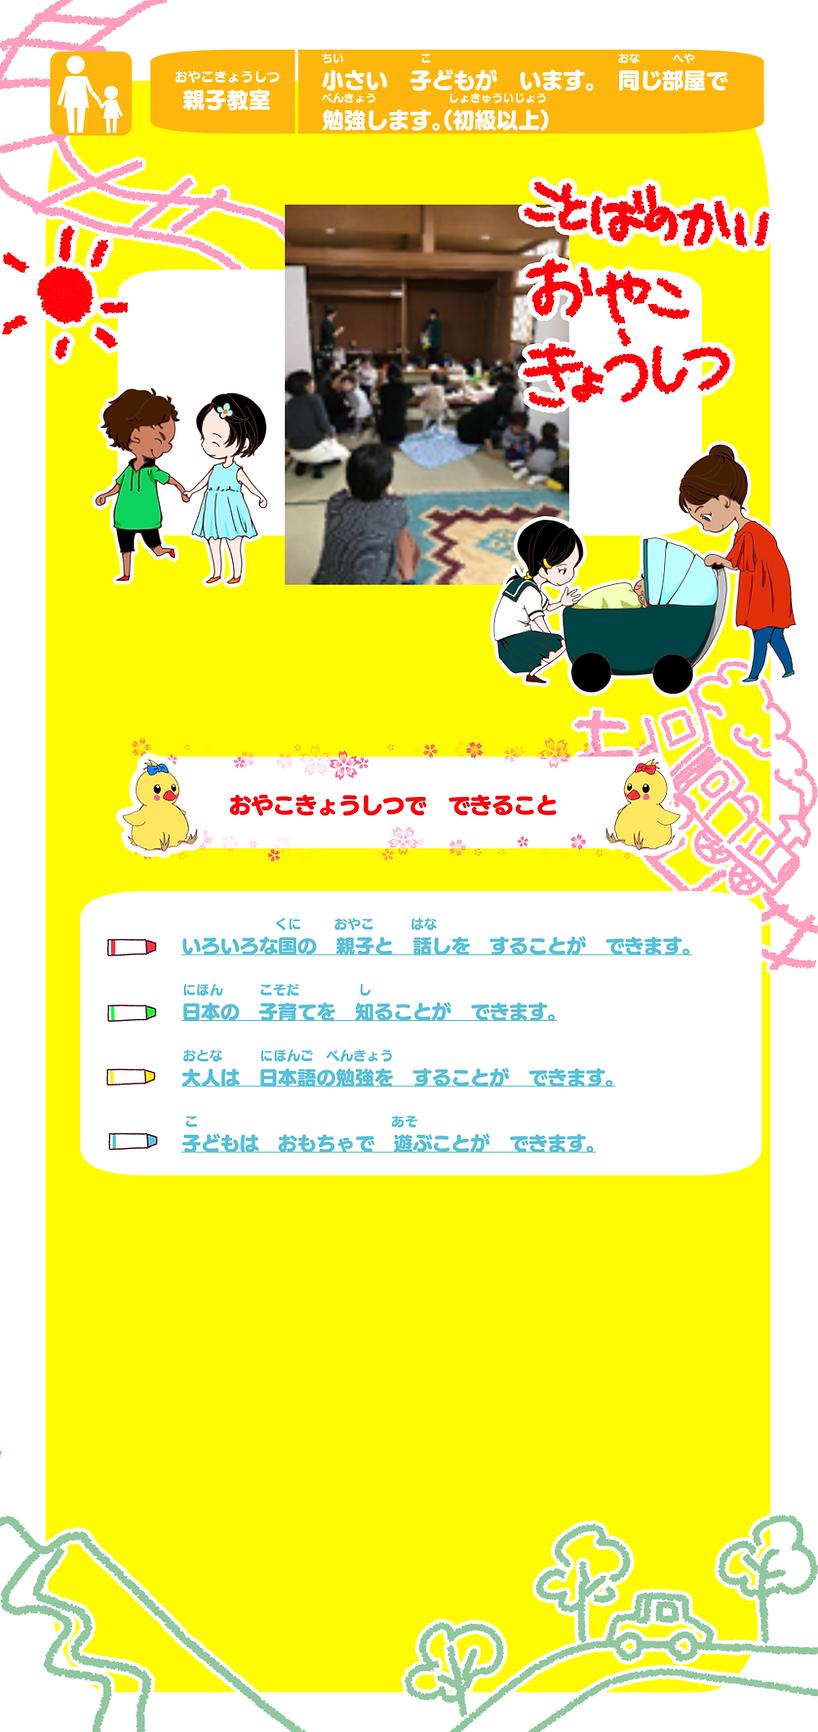 親子教室.png